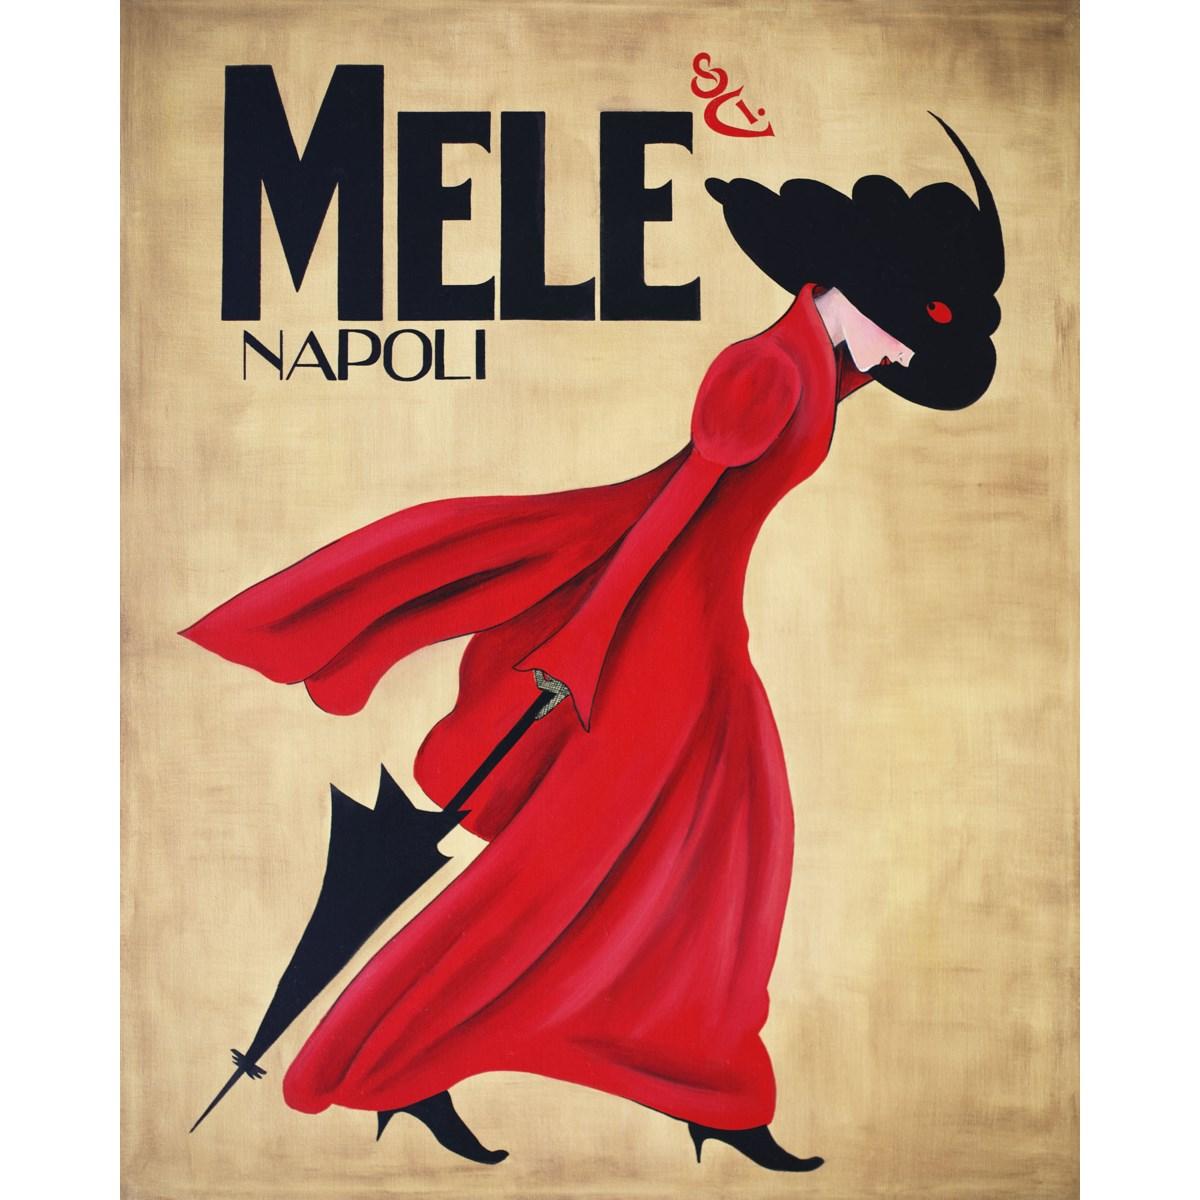 Mele Napoli GALLERY WRAP